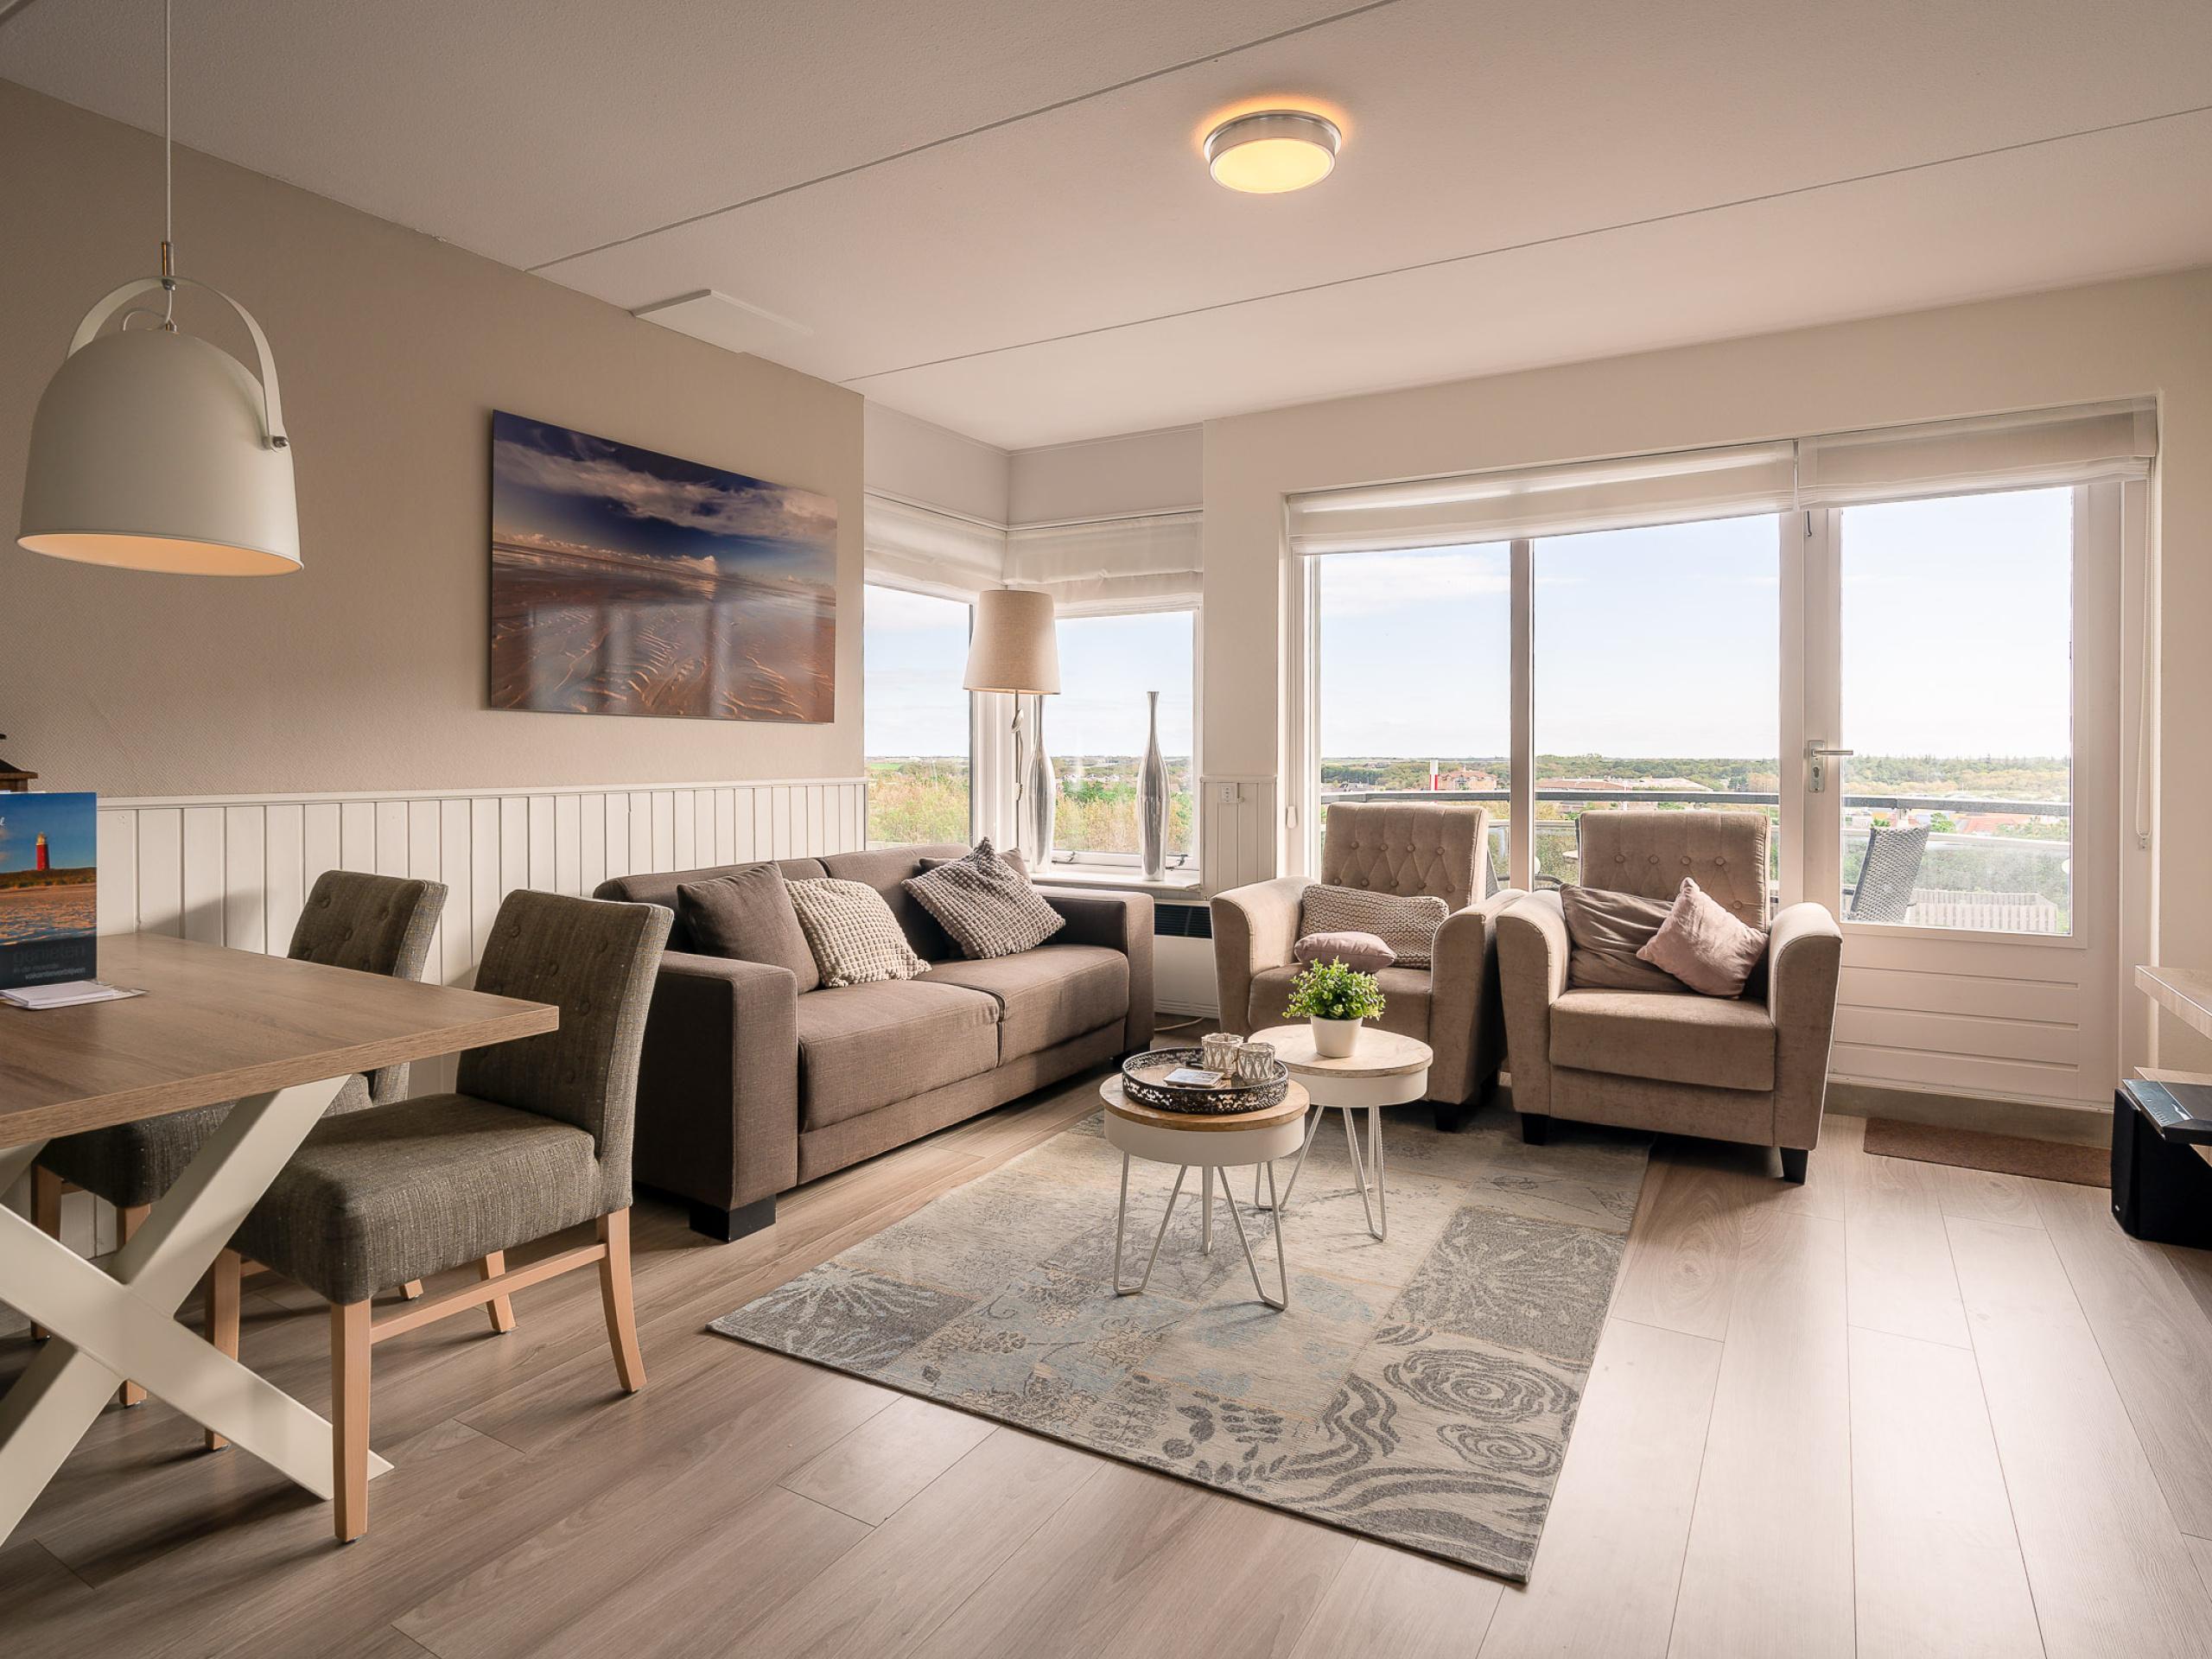 Appartement im ersten Stock mit Aussicht auf De Koog